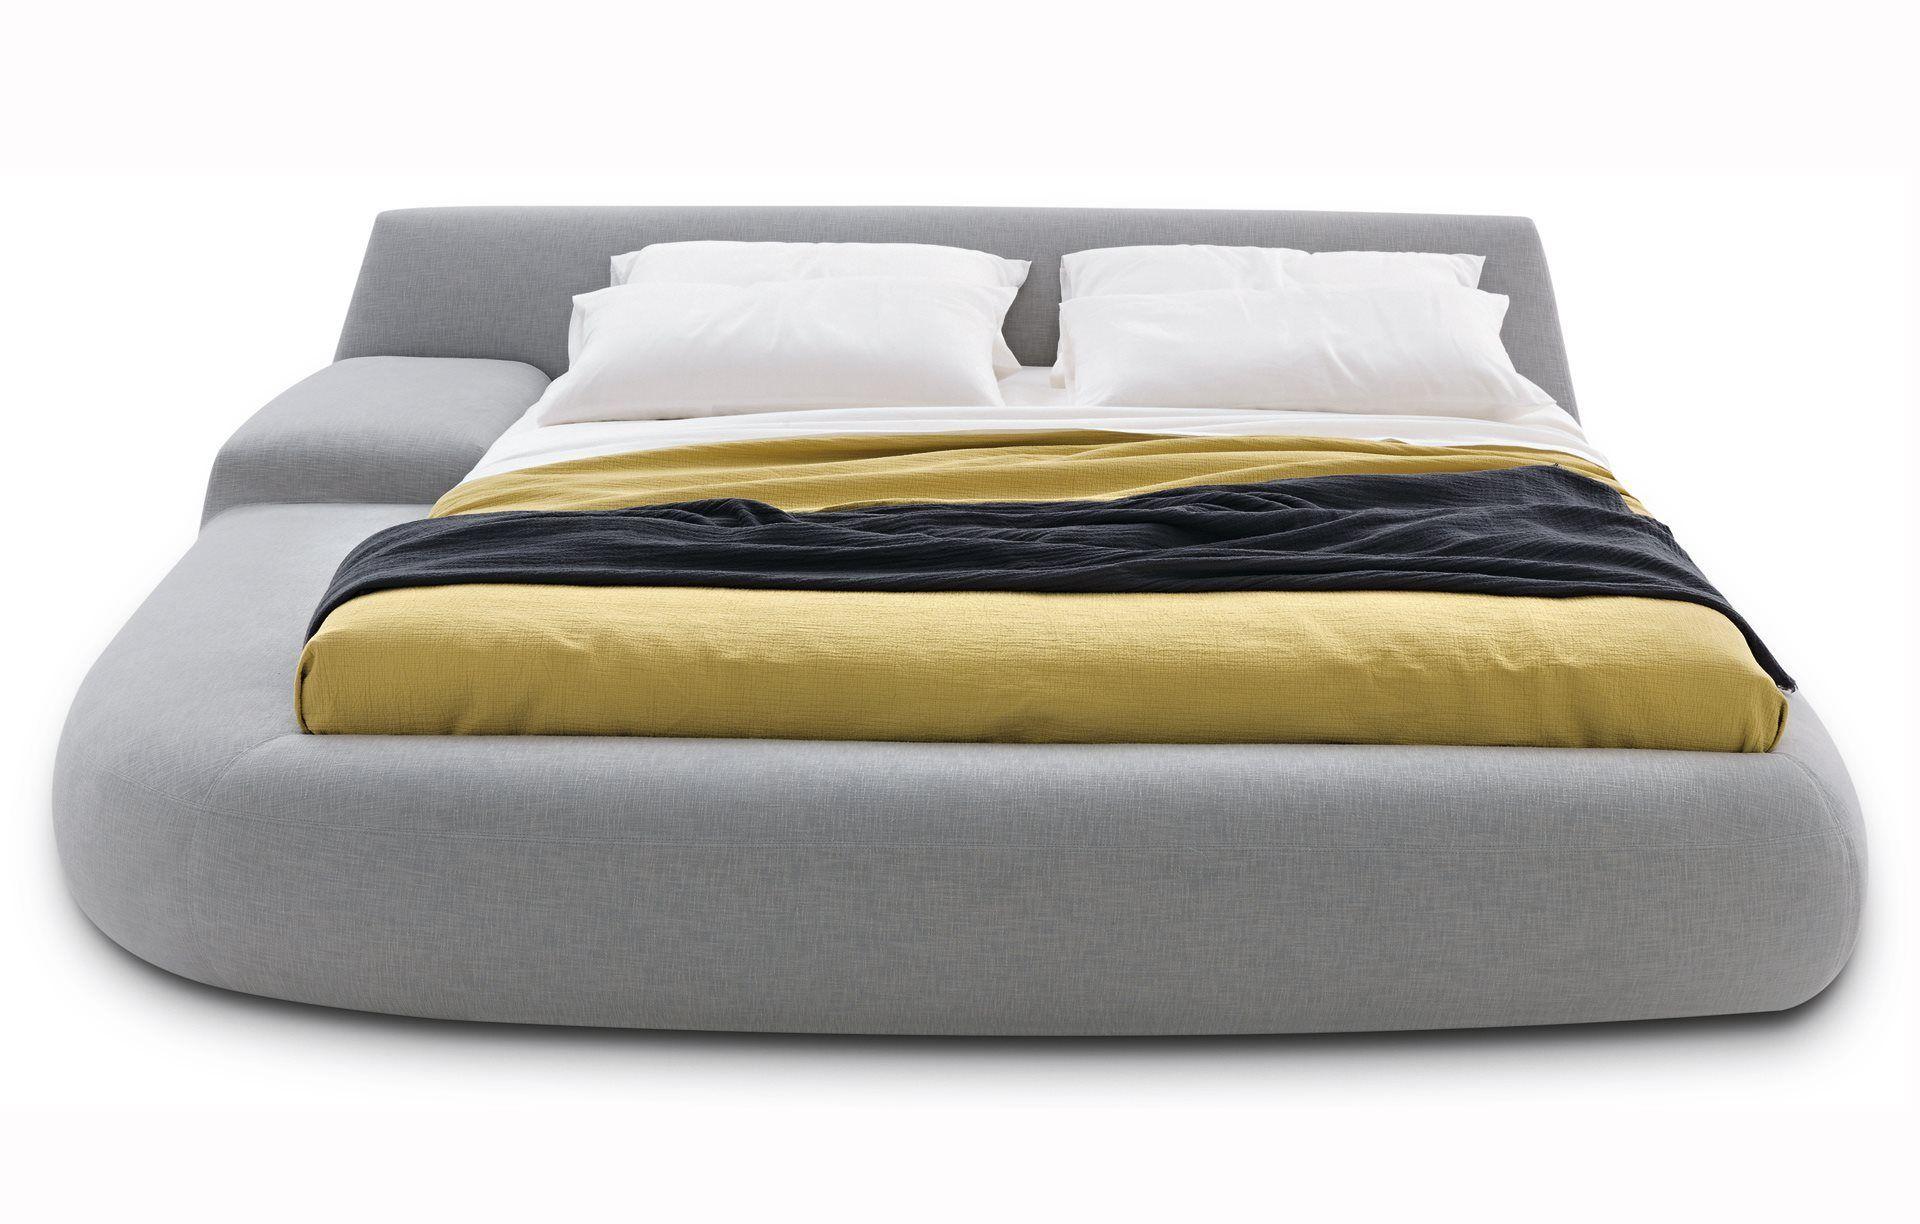 BEDS - POLIFORM | Big Bed